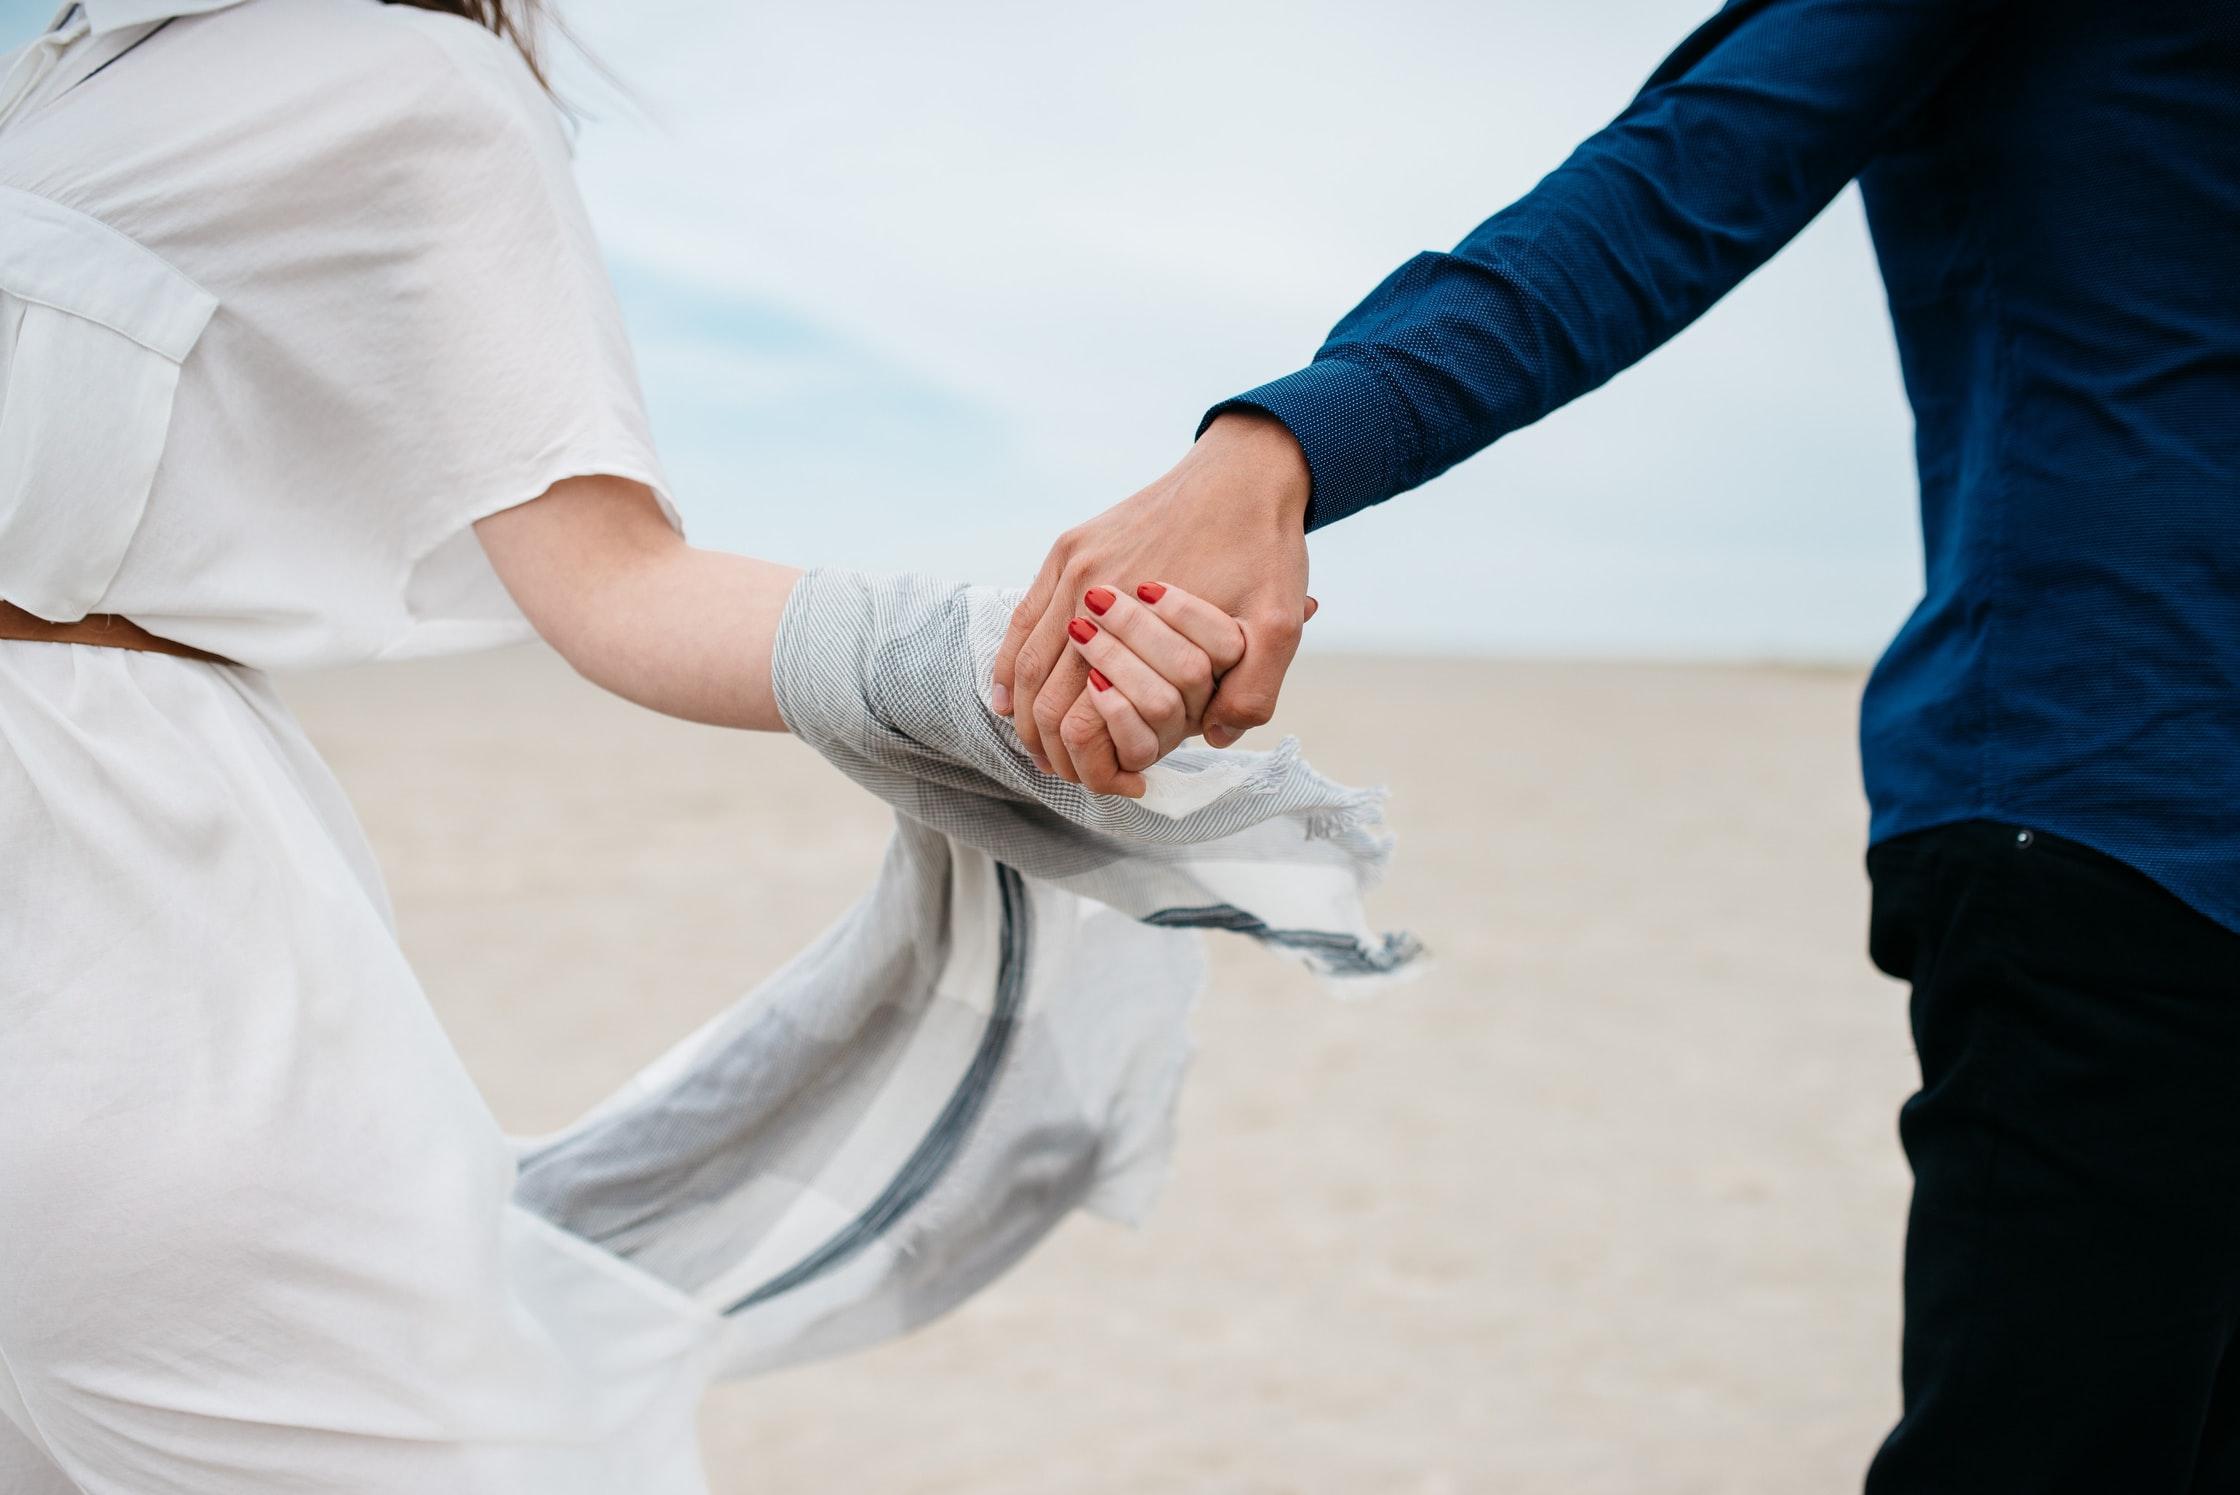 Les relations à distances peuvent-elles fonctionner? 1